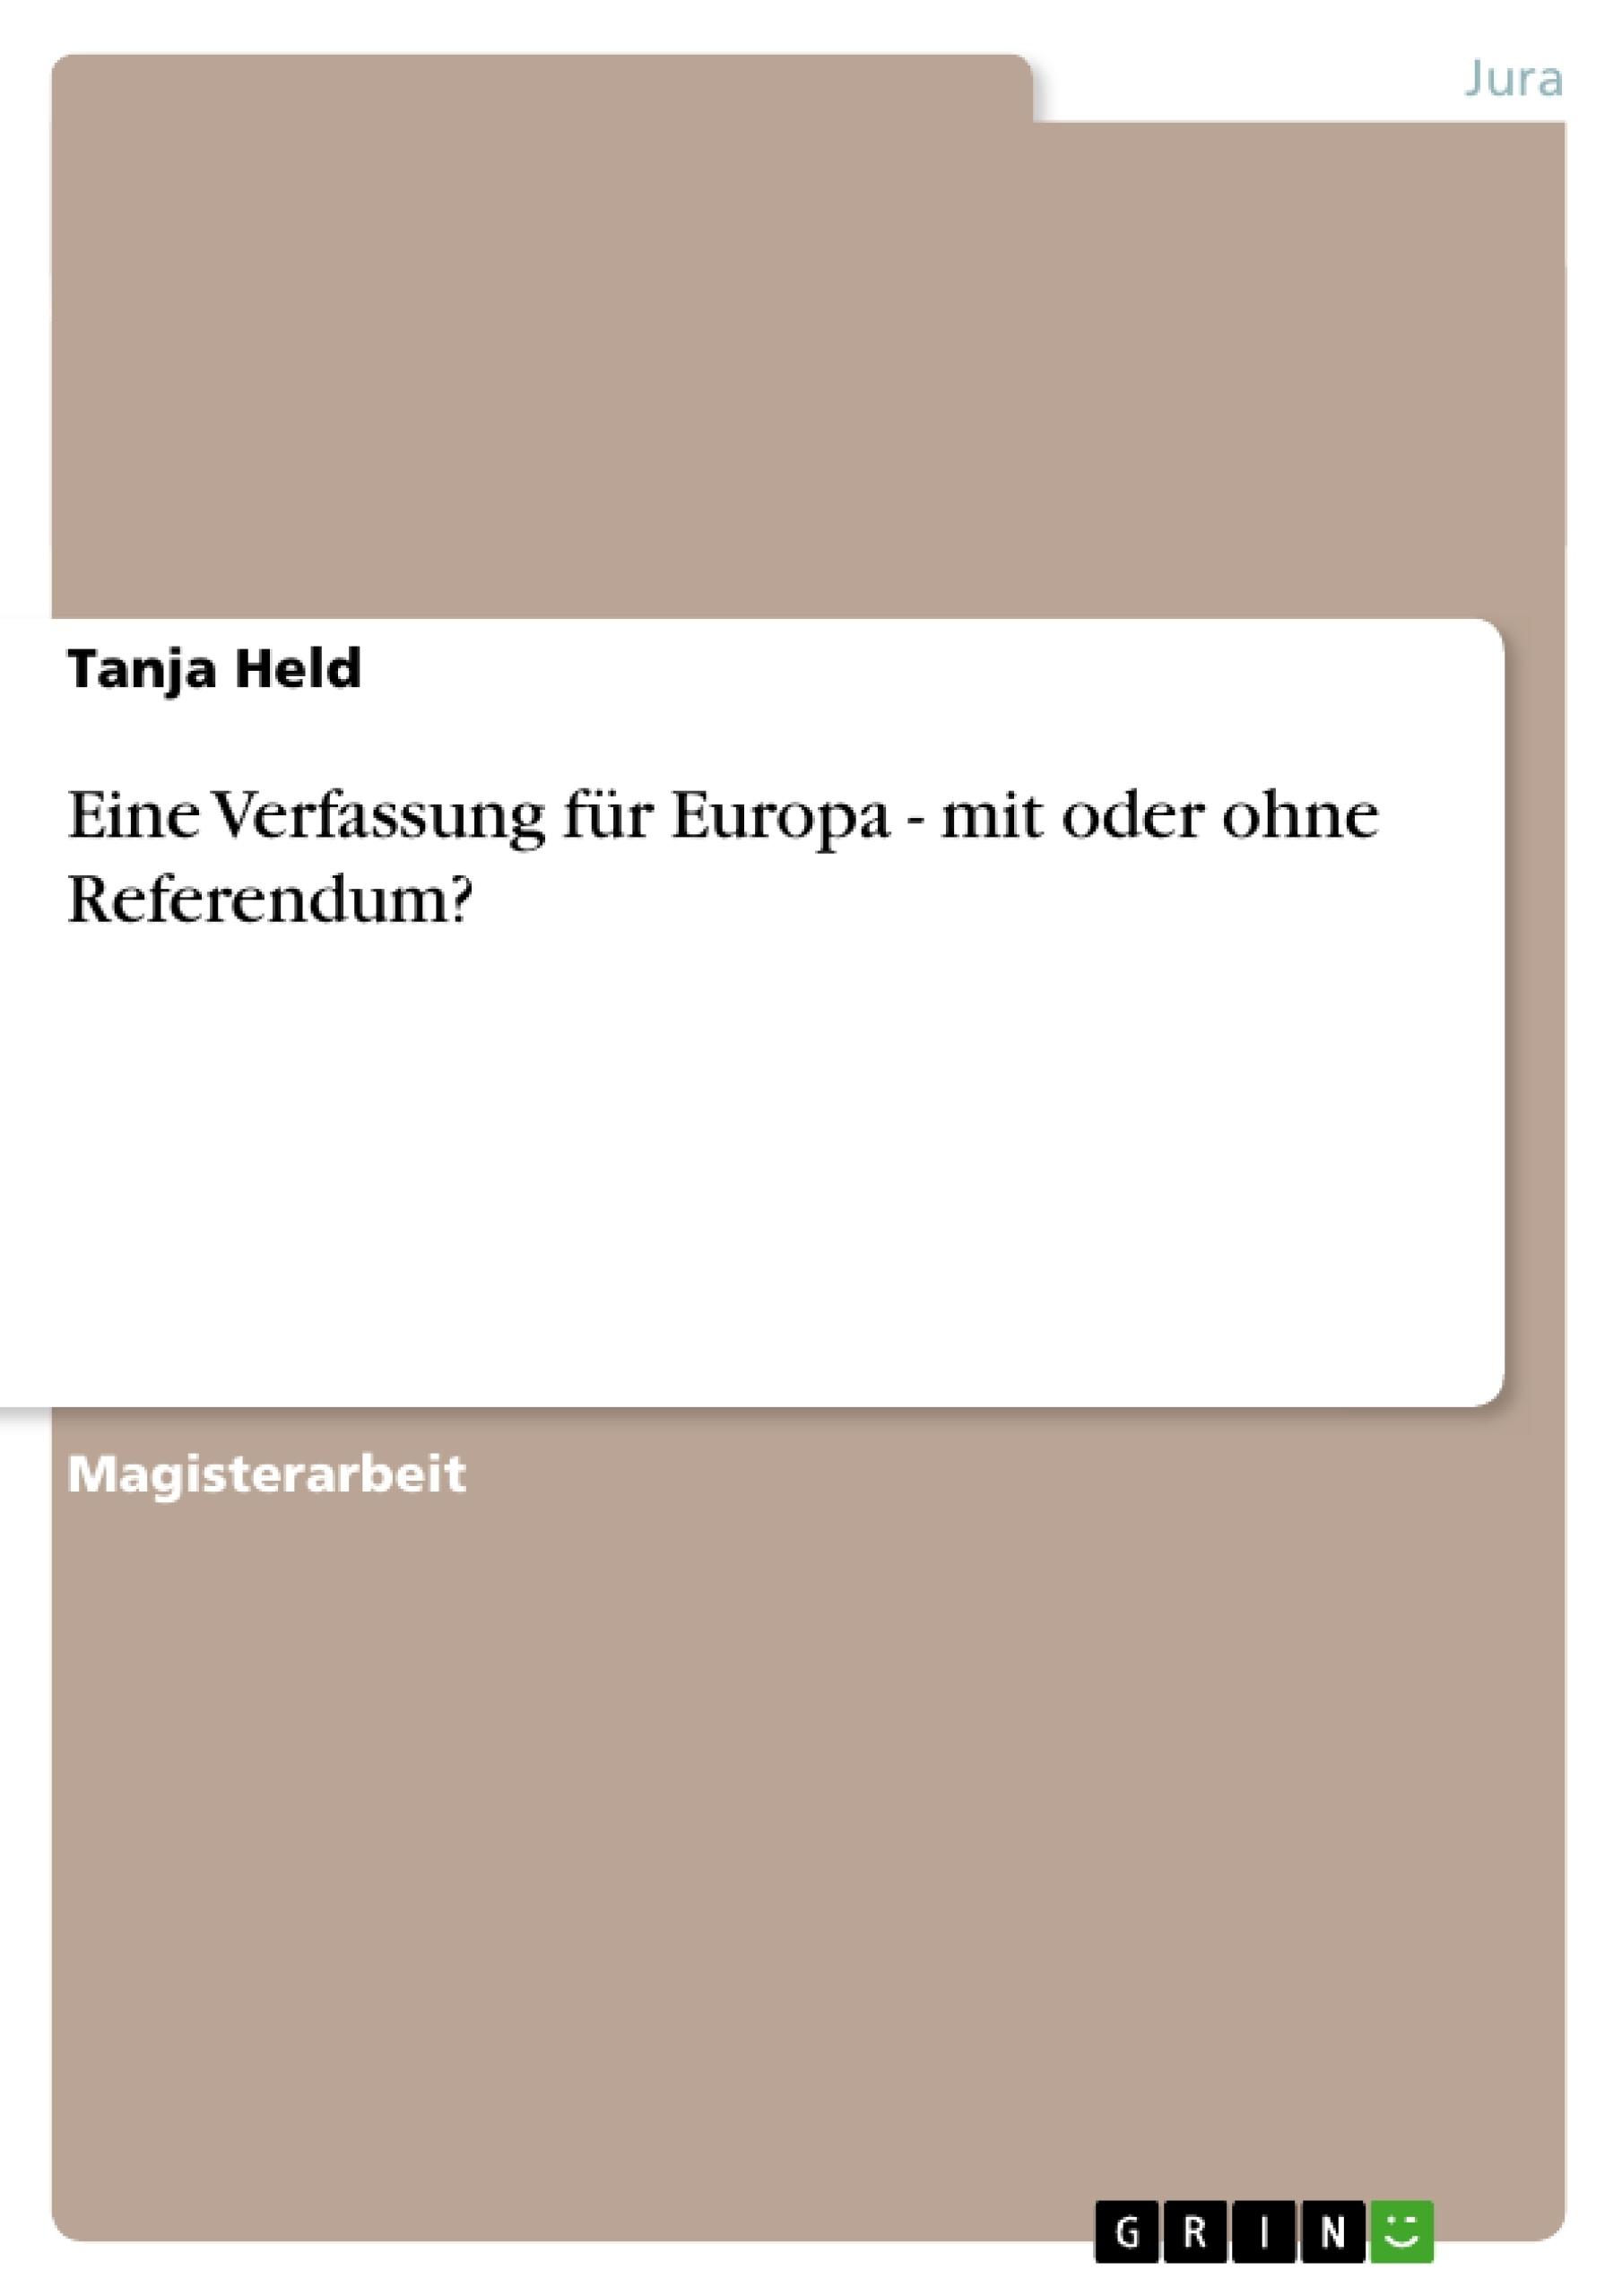 Titel: Eine Verfassung für Europa - mit oder ohne Referendum?